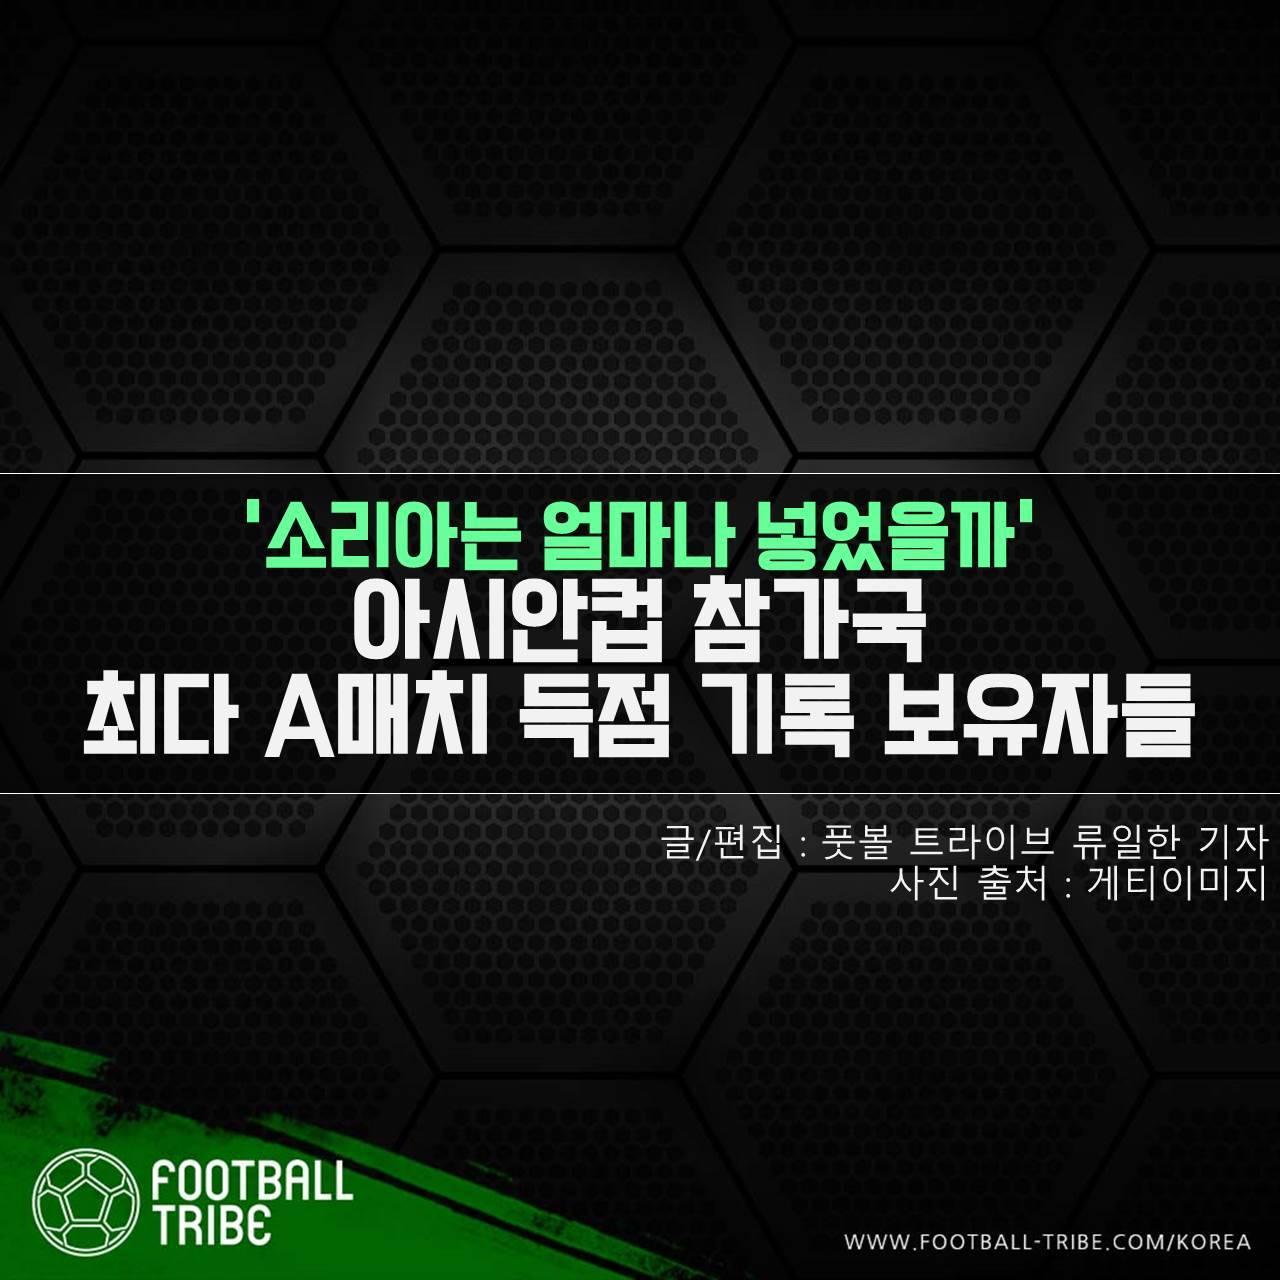 [카드 뉴스] '소리아는 얼마나 넣었을까' 아시안컵 참가국 최다 A매치 득점 기록 보유자들